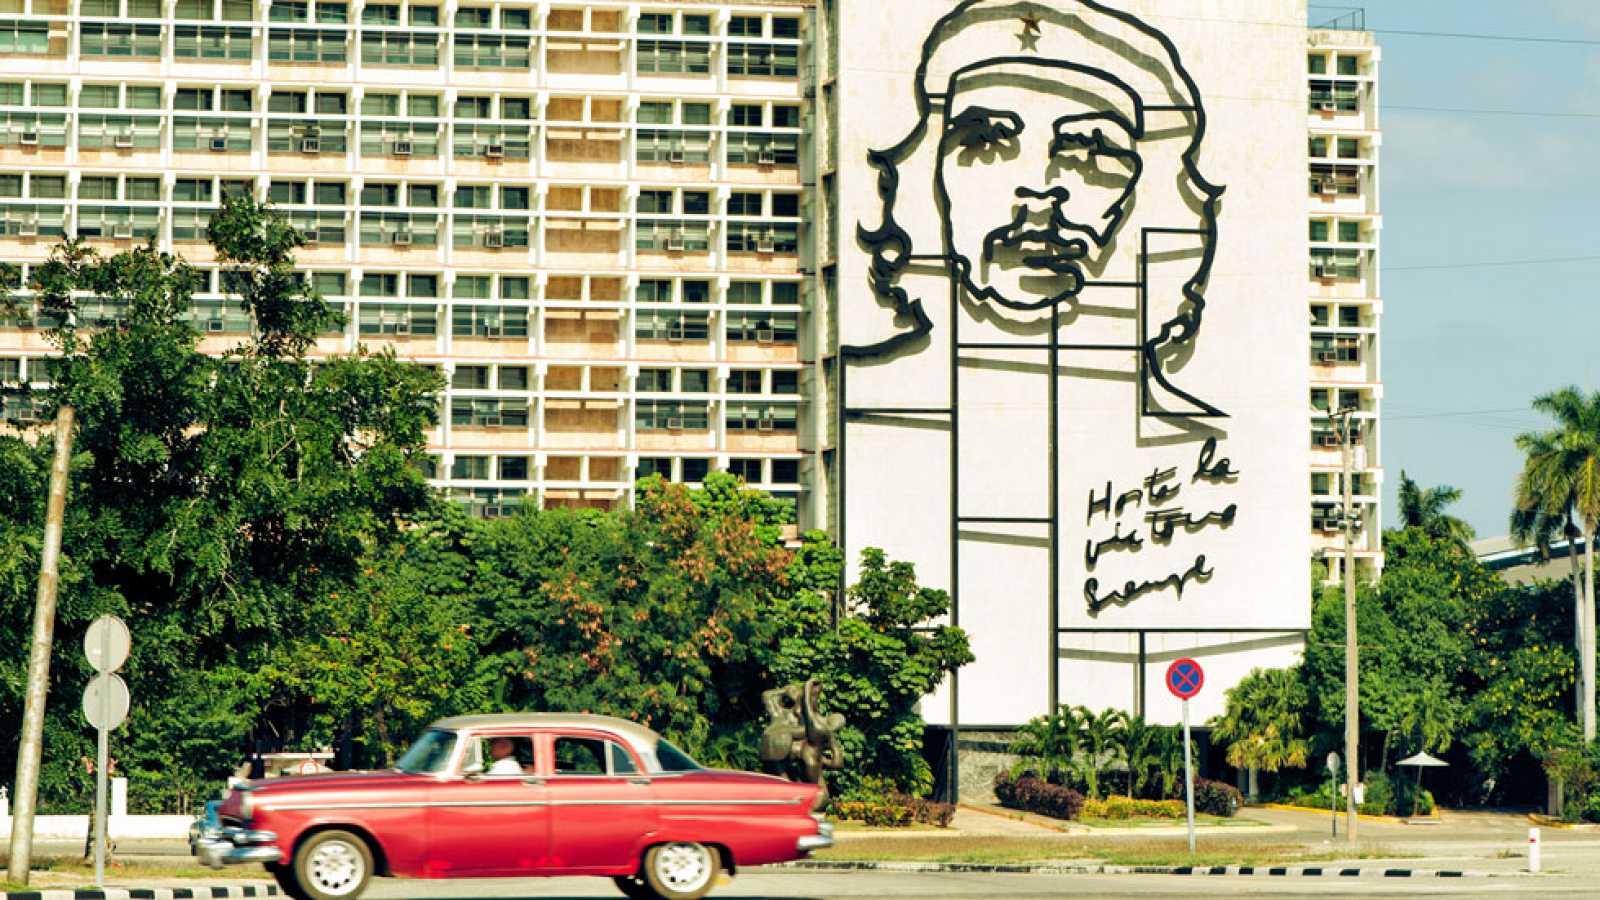 Cronología de las relaciones entre Cuba y EE.UU. desde los años 60 ...